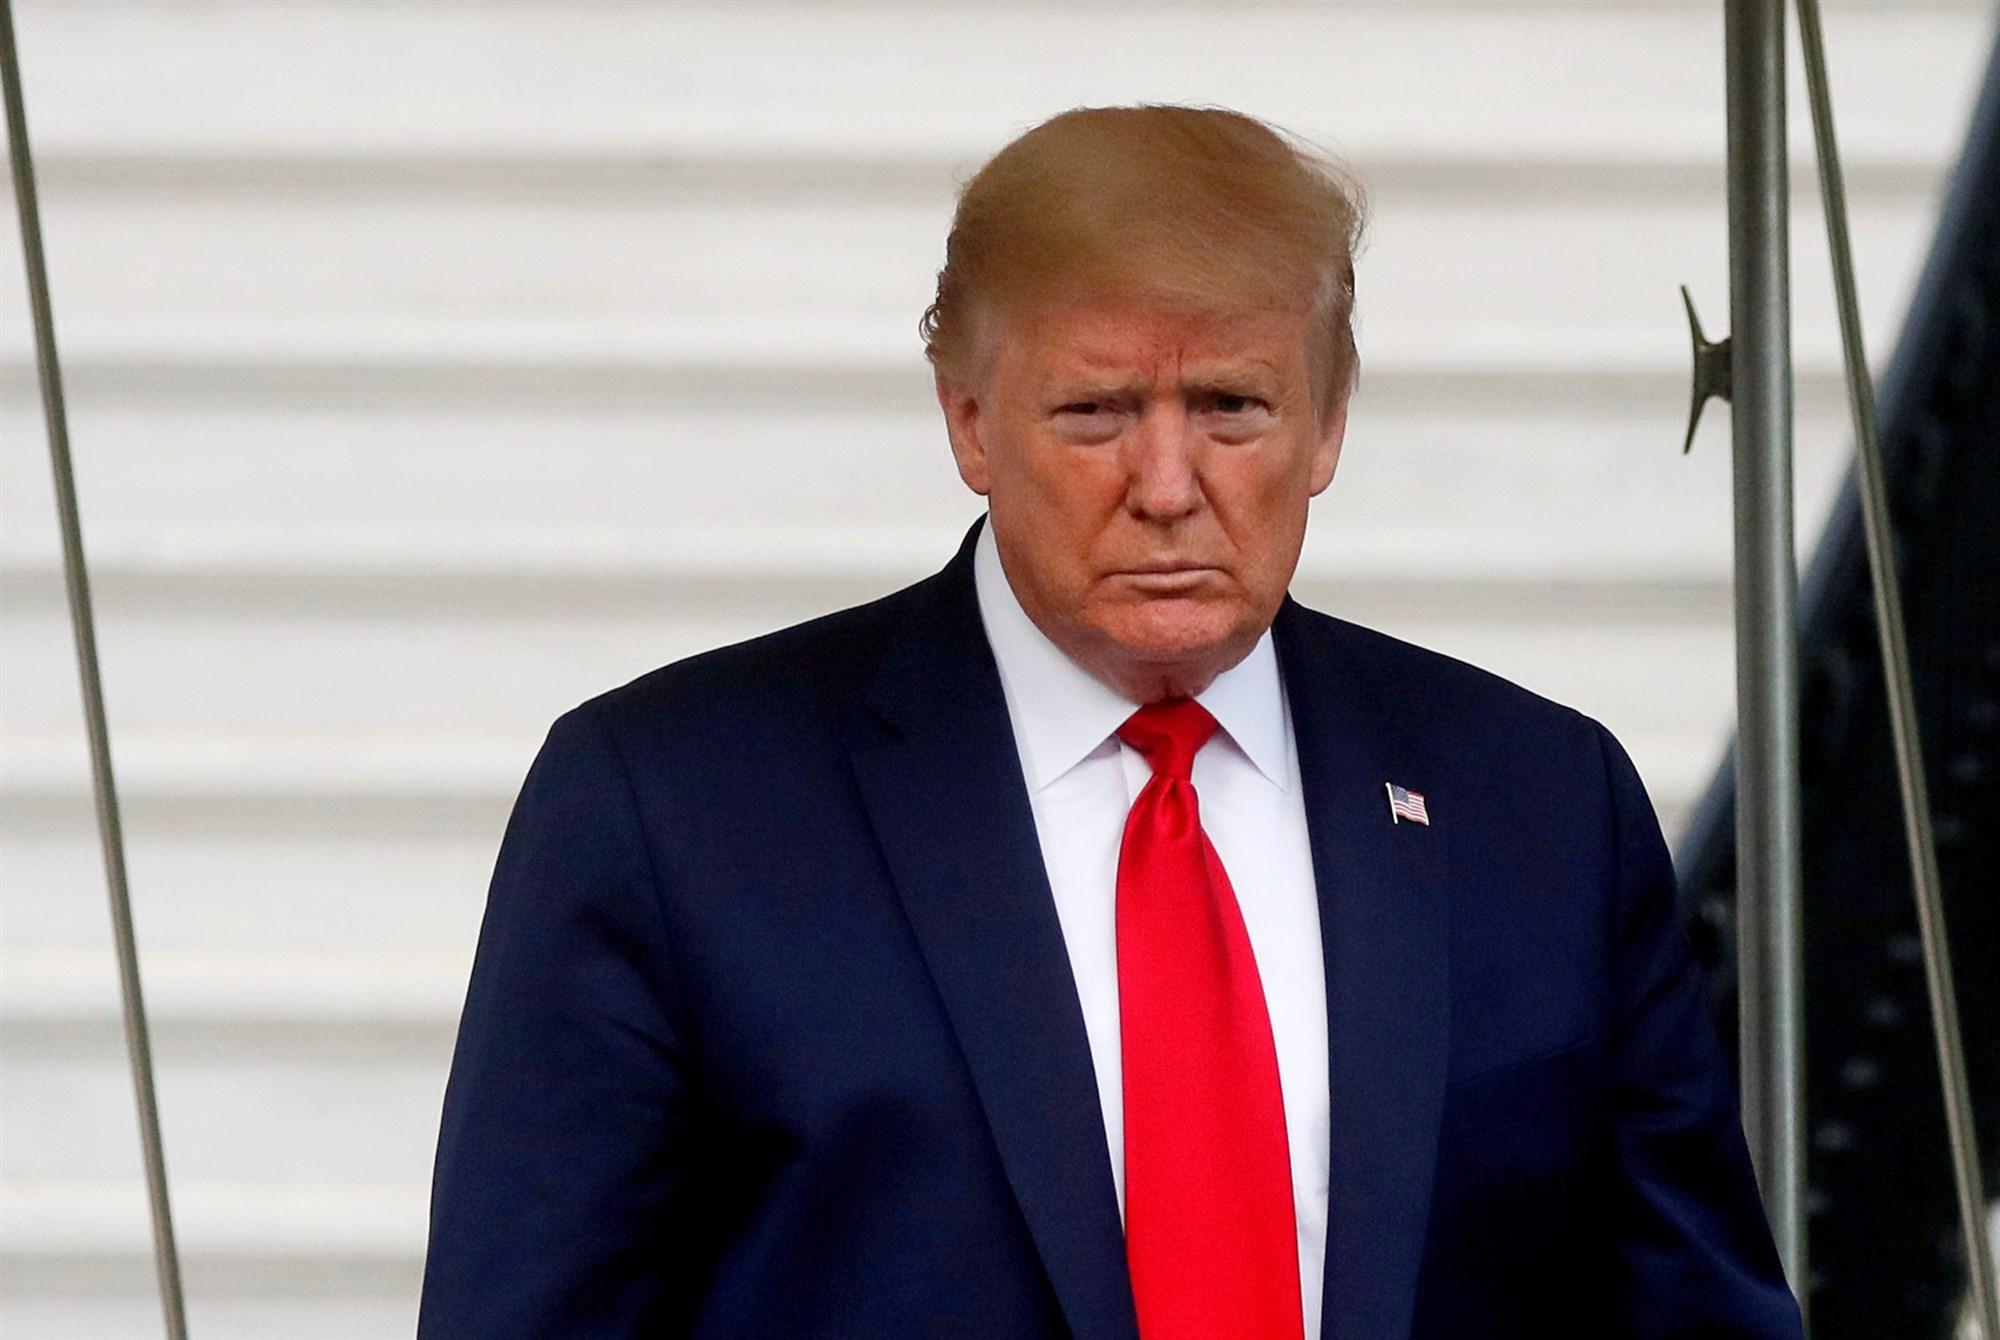 Sợ ông Trump mất ghế tổng thống, nhà đầu tư Mỹ đặt cược thị trường sẽ bán tháo - Ảnh 1.